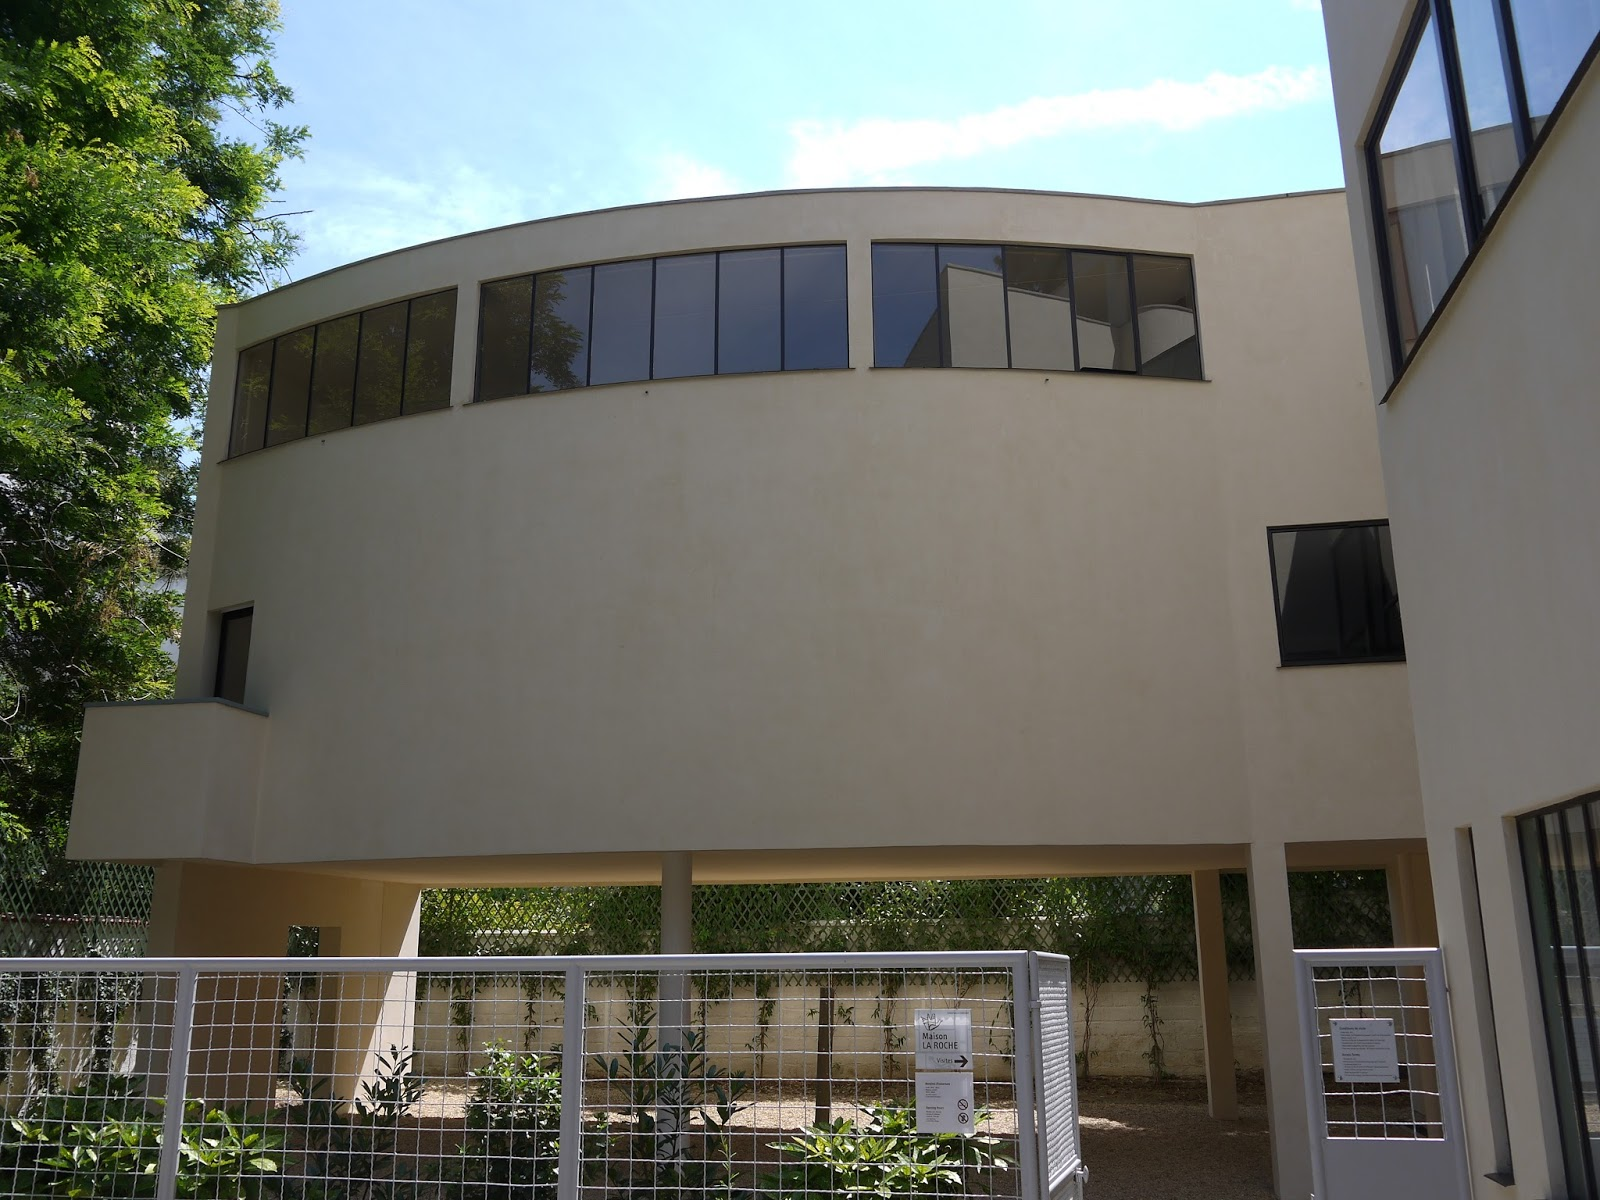 Maison La Roche Corbusier Paris adrian yekkes: villa la roche - le corbusier's design for a